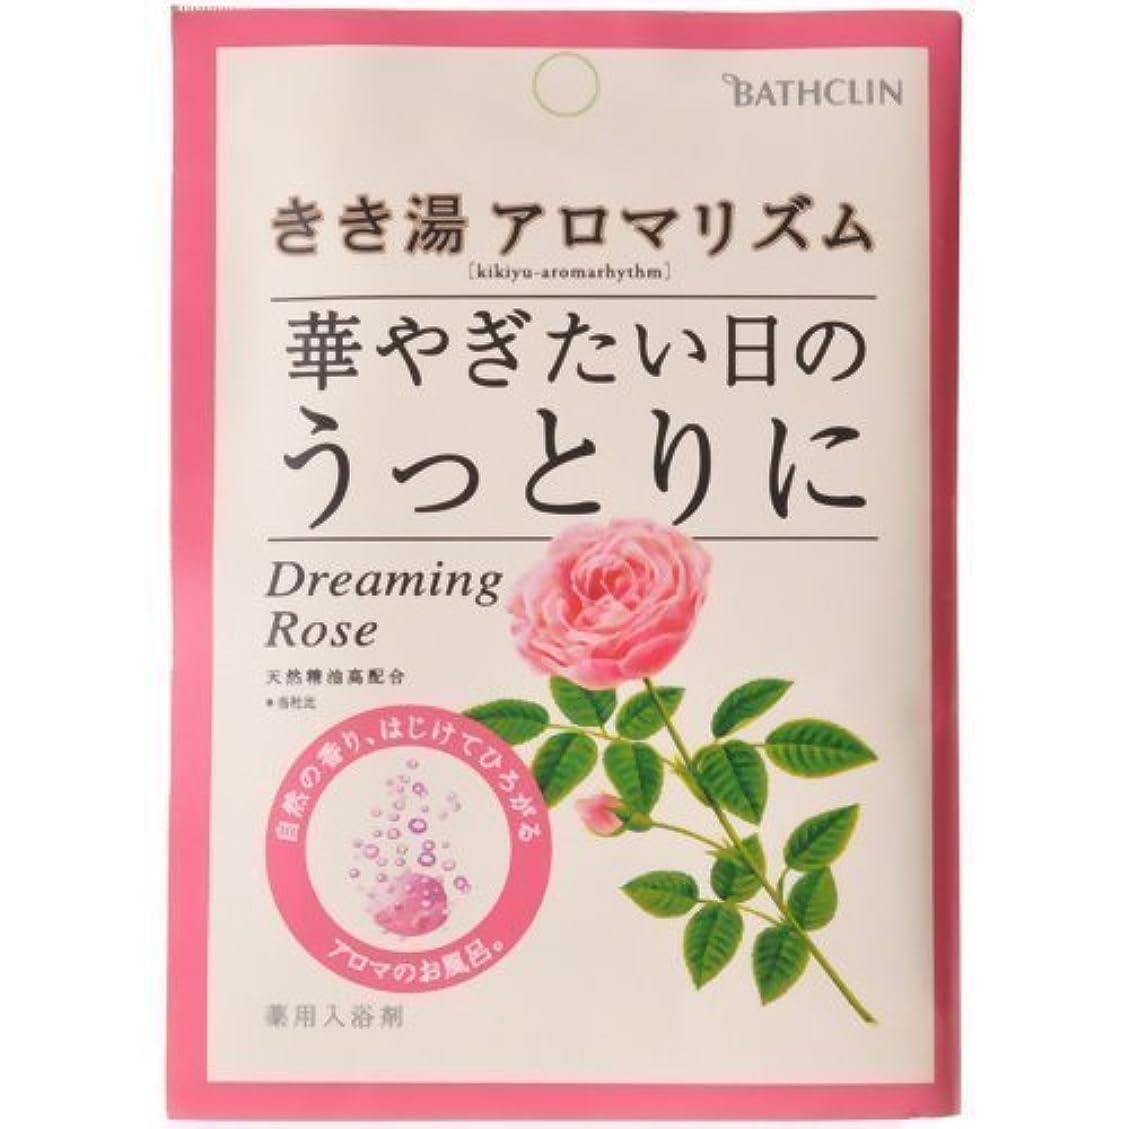 理解する耐えられる割り当てきき湯 アロマリズム ドリーミングローズの香り 30g